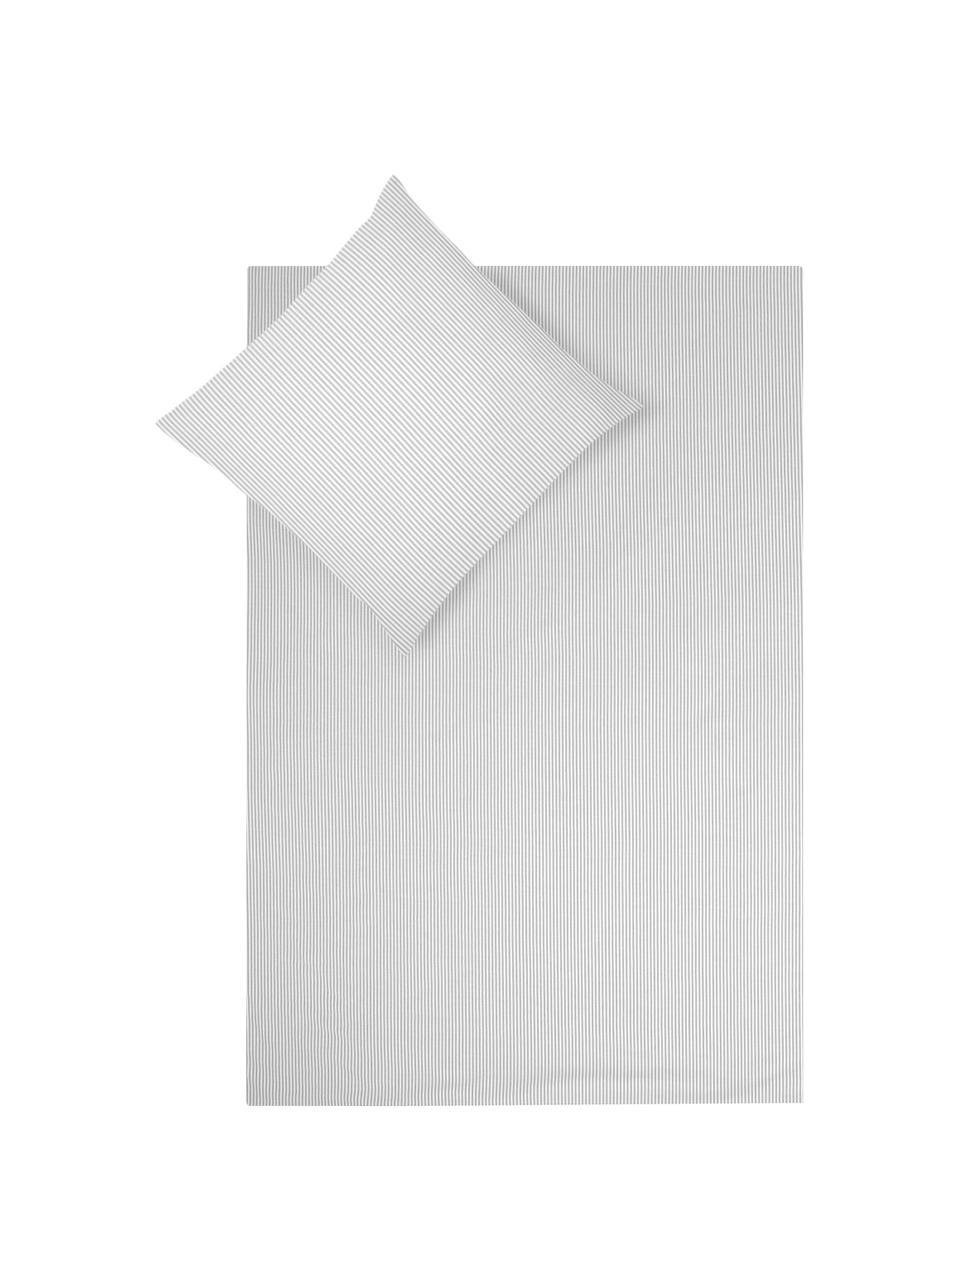 Baumwoll-Bettwäsche Ellie in Weiß/Grau, fein gestreift, Webart: Renforcé Fadendichte 118 , Weiß, Grau, 135 x 200 cm + 1 Kissen 80 x 80 cm